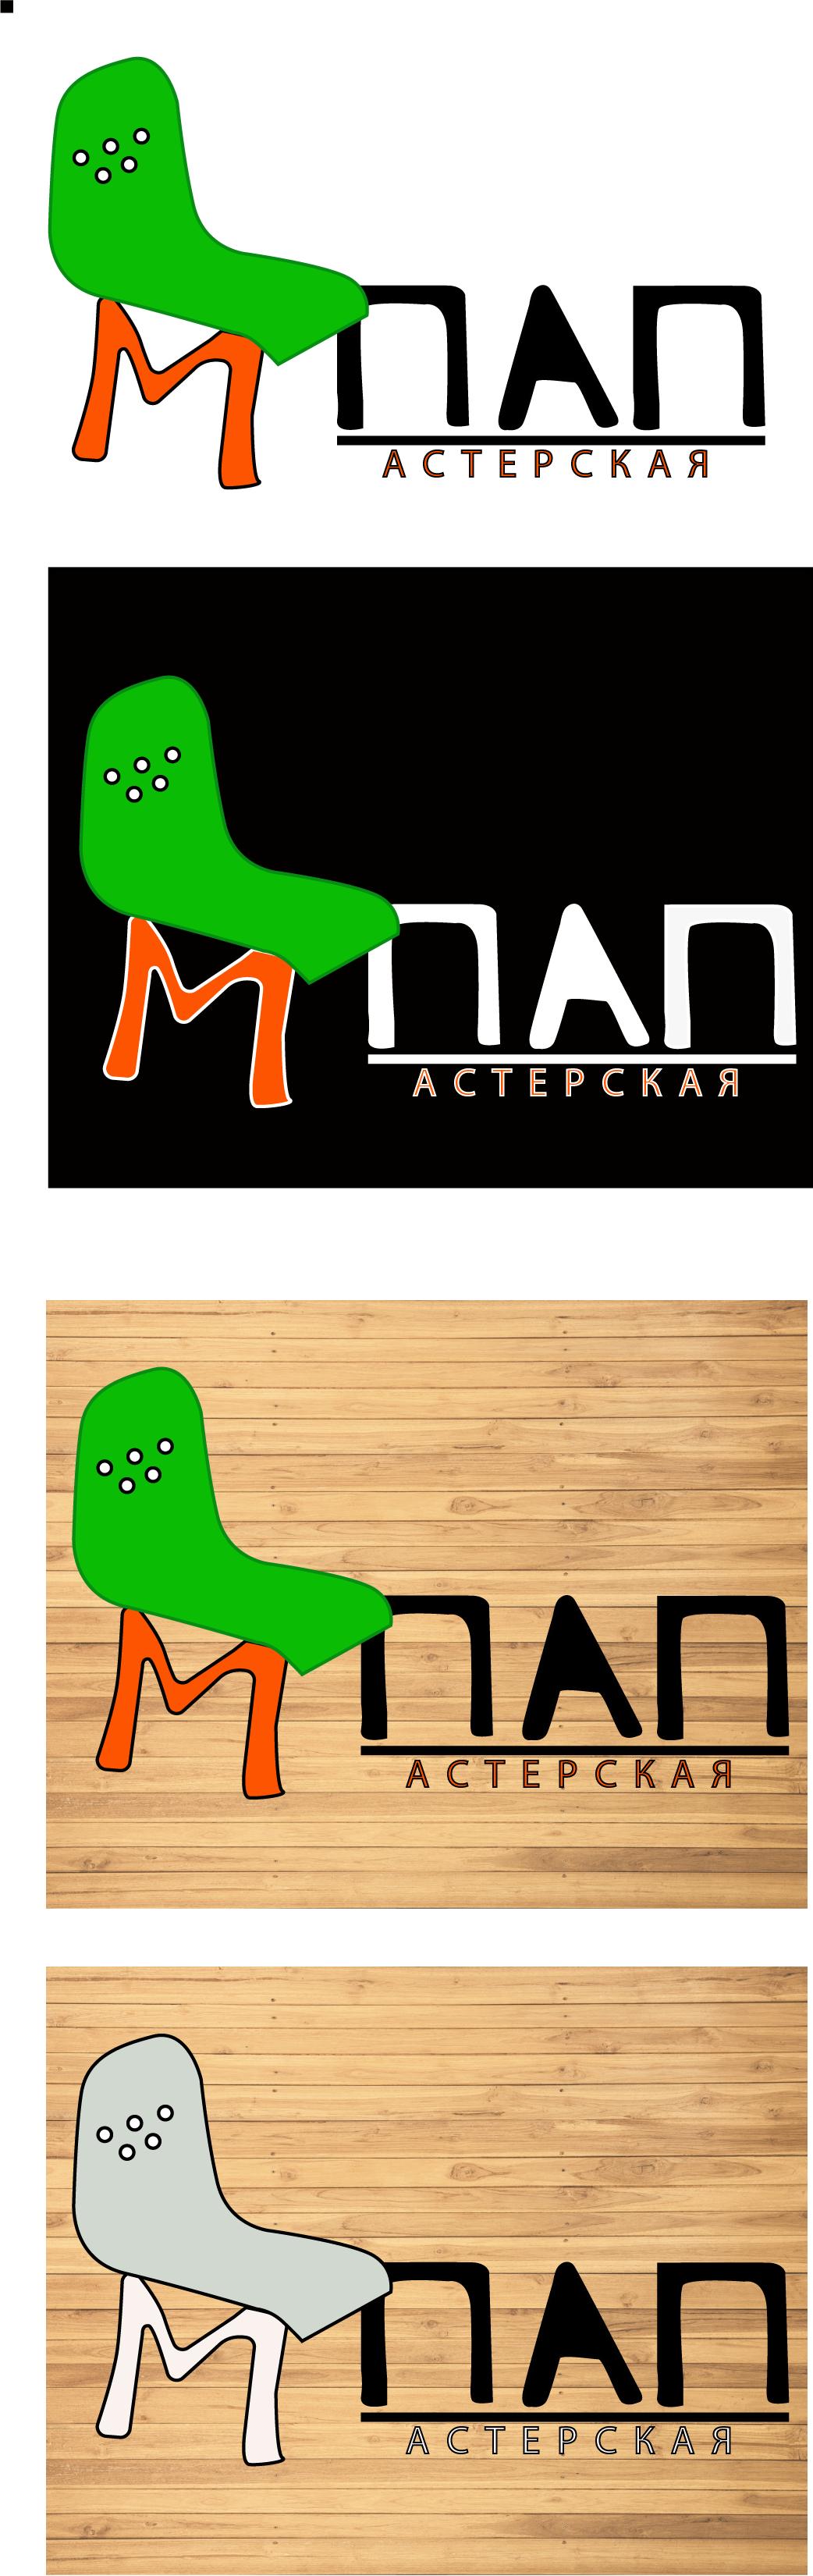 Разработка логотипа  фото f_7945aa416bda9bb2.png